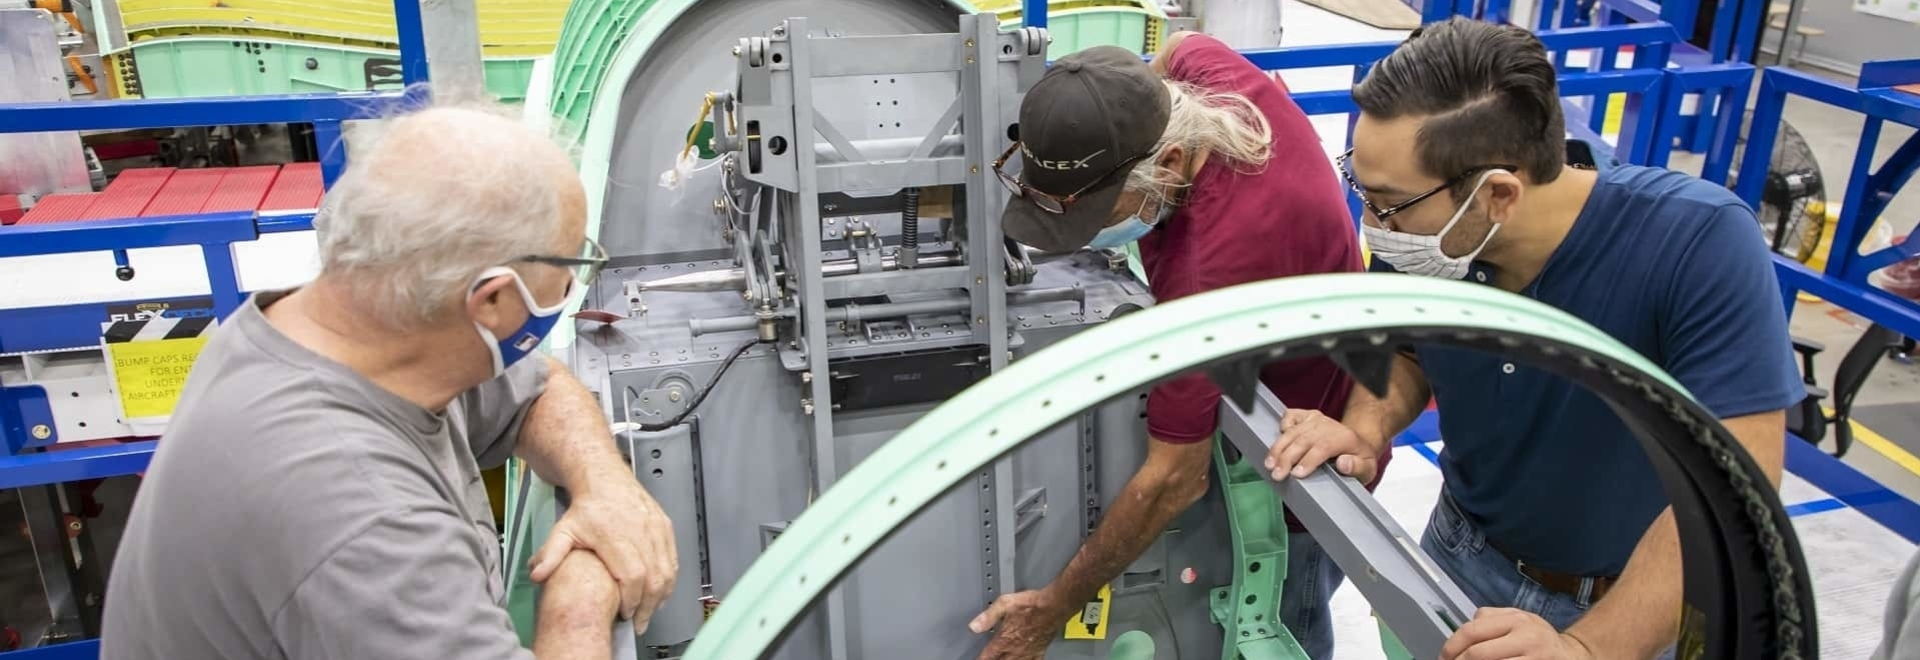 NASA reveals inside the X-59 quiet supersonic jet cockpit